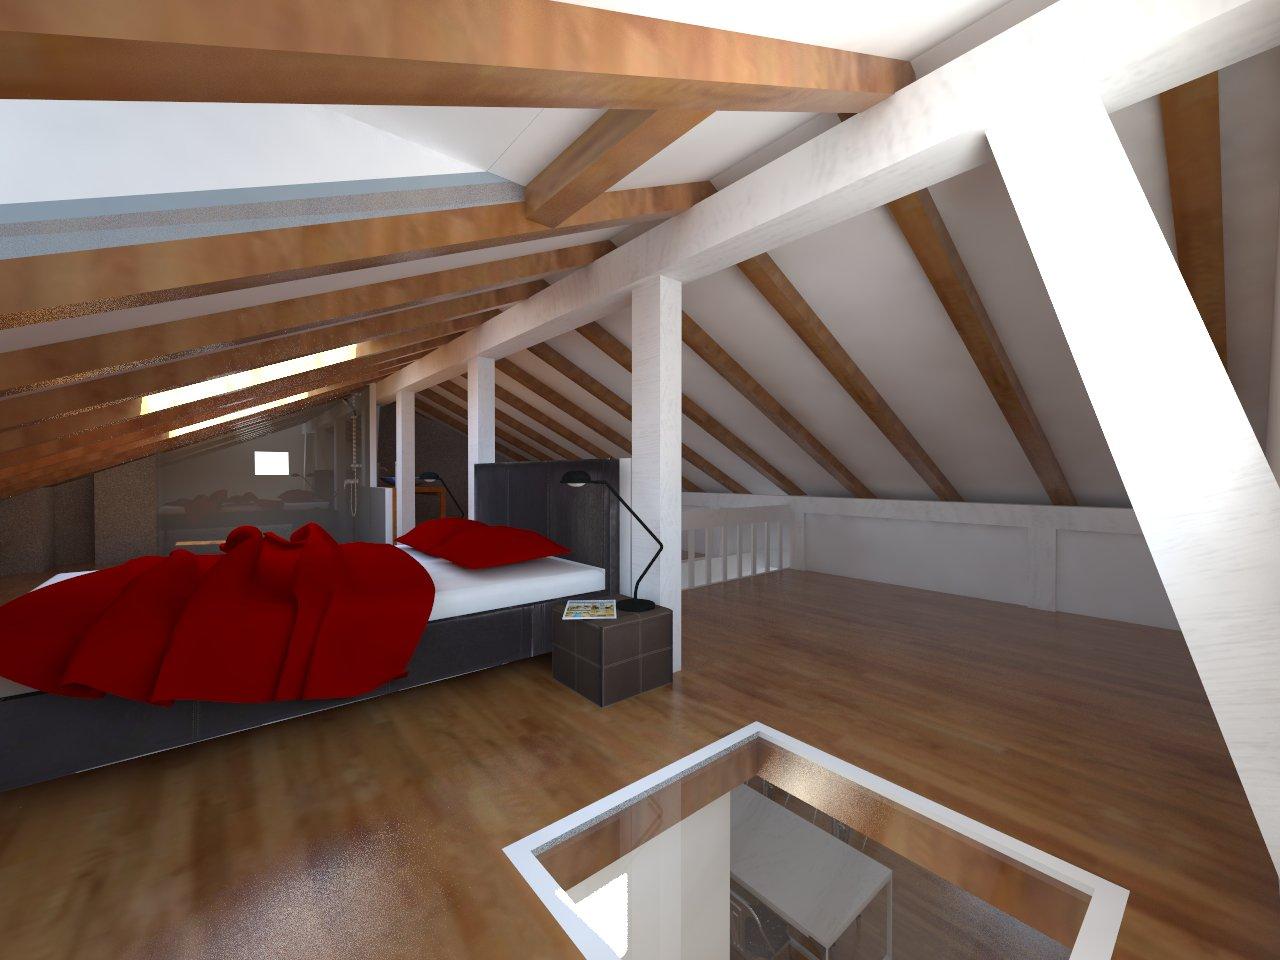 Projet de r novation pour un appartement bayonne 64 for Mont de marsan anglet